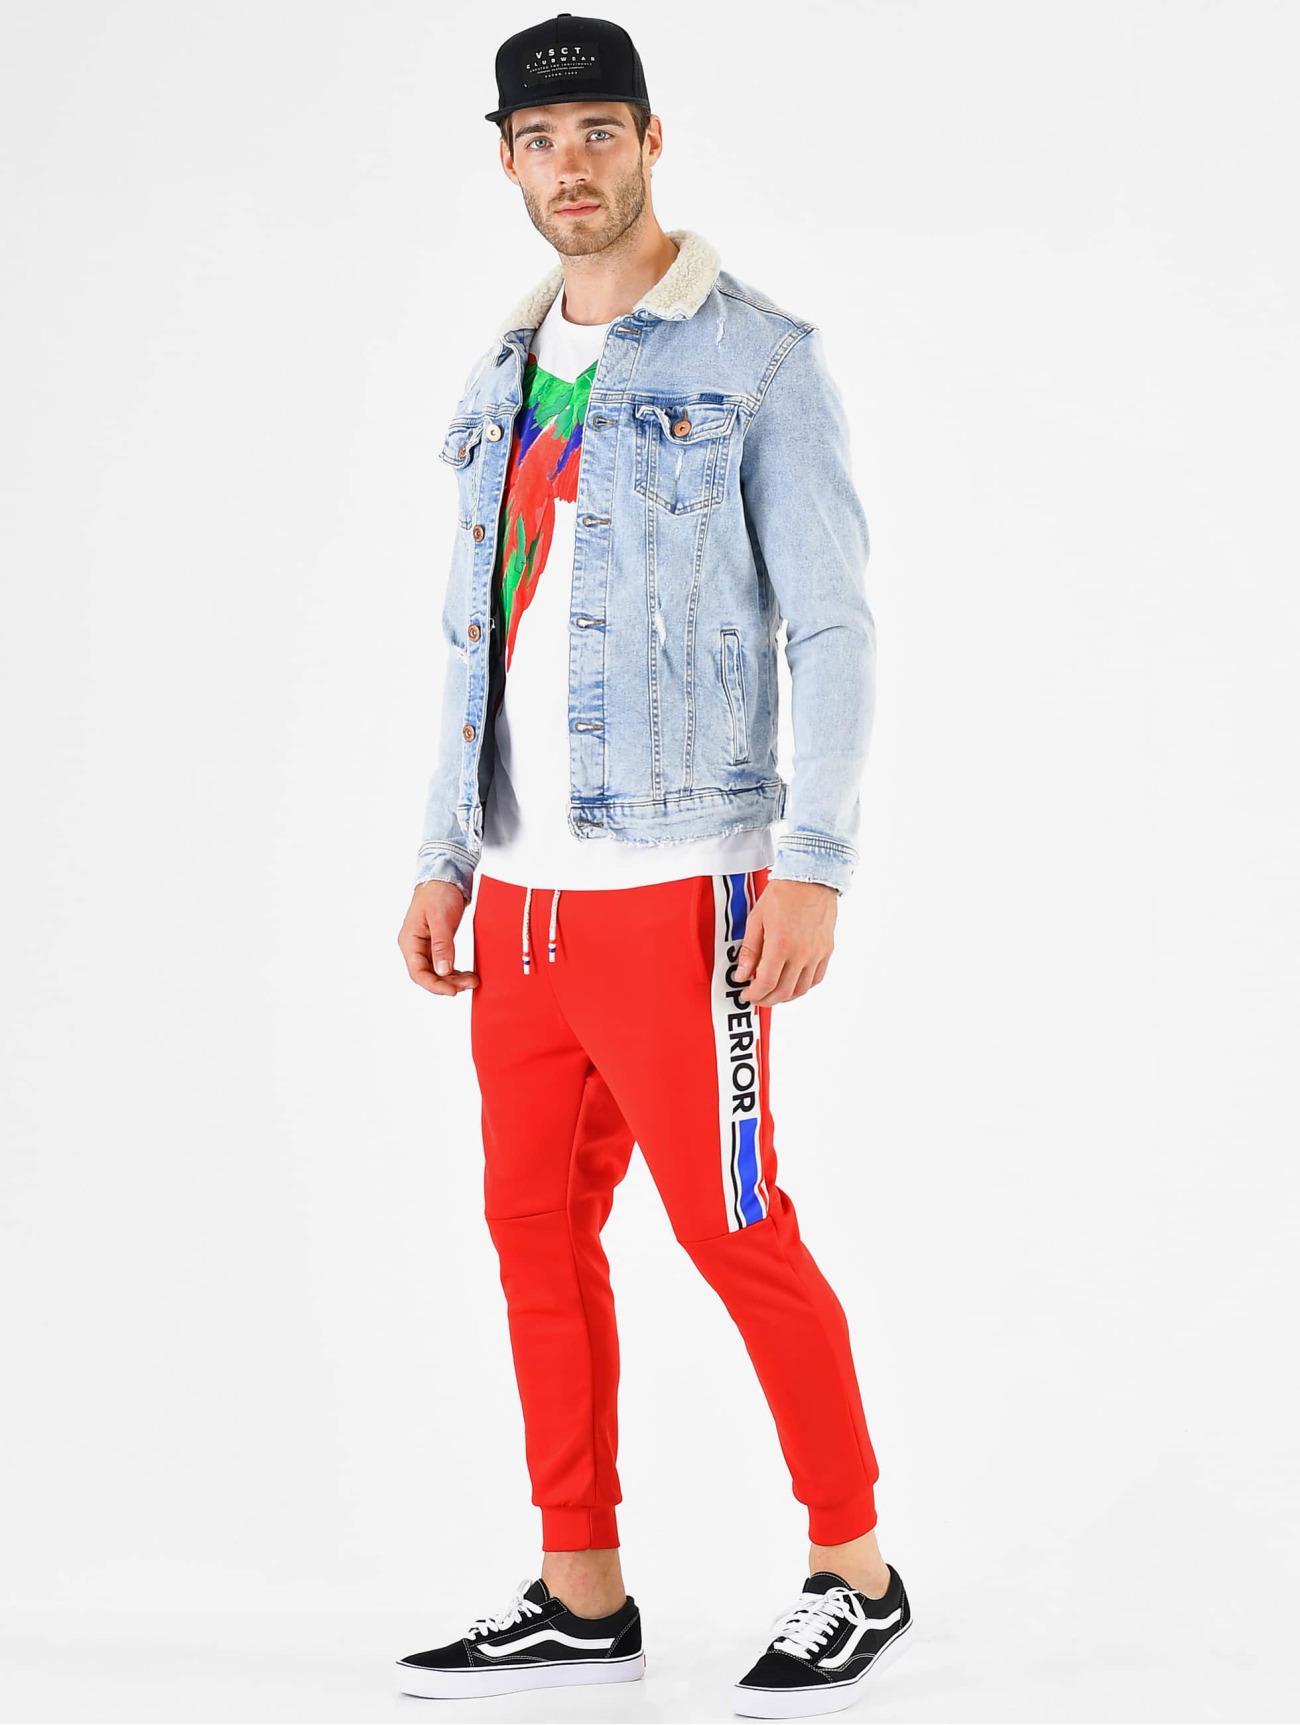 VSCT Clubwear Byxor / Joggingbyxor Superior  i röd 673426 Män Byxor